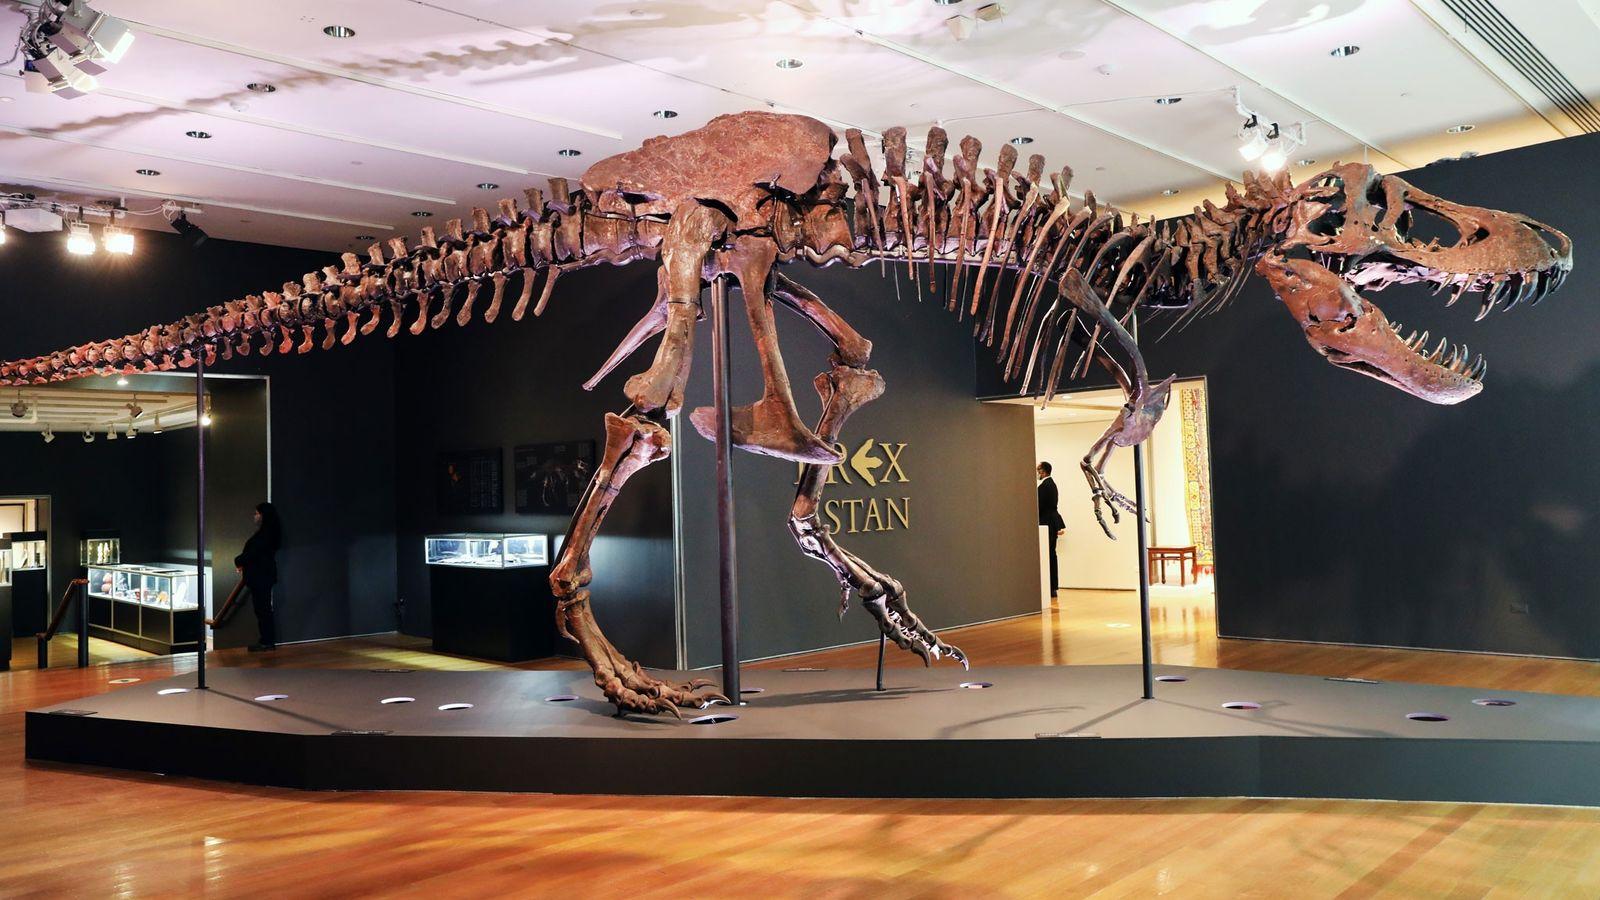 El fósil de Tyrannosaurus rex conocido como Stan se exhibe en una galería en la casa de subastas ...